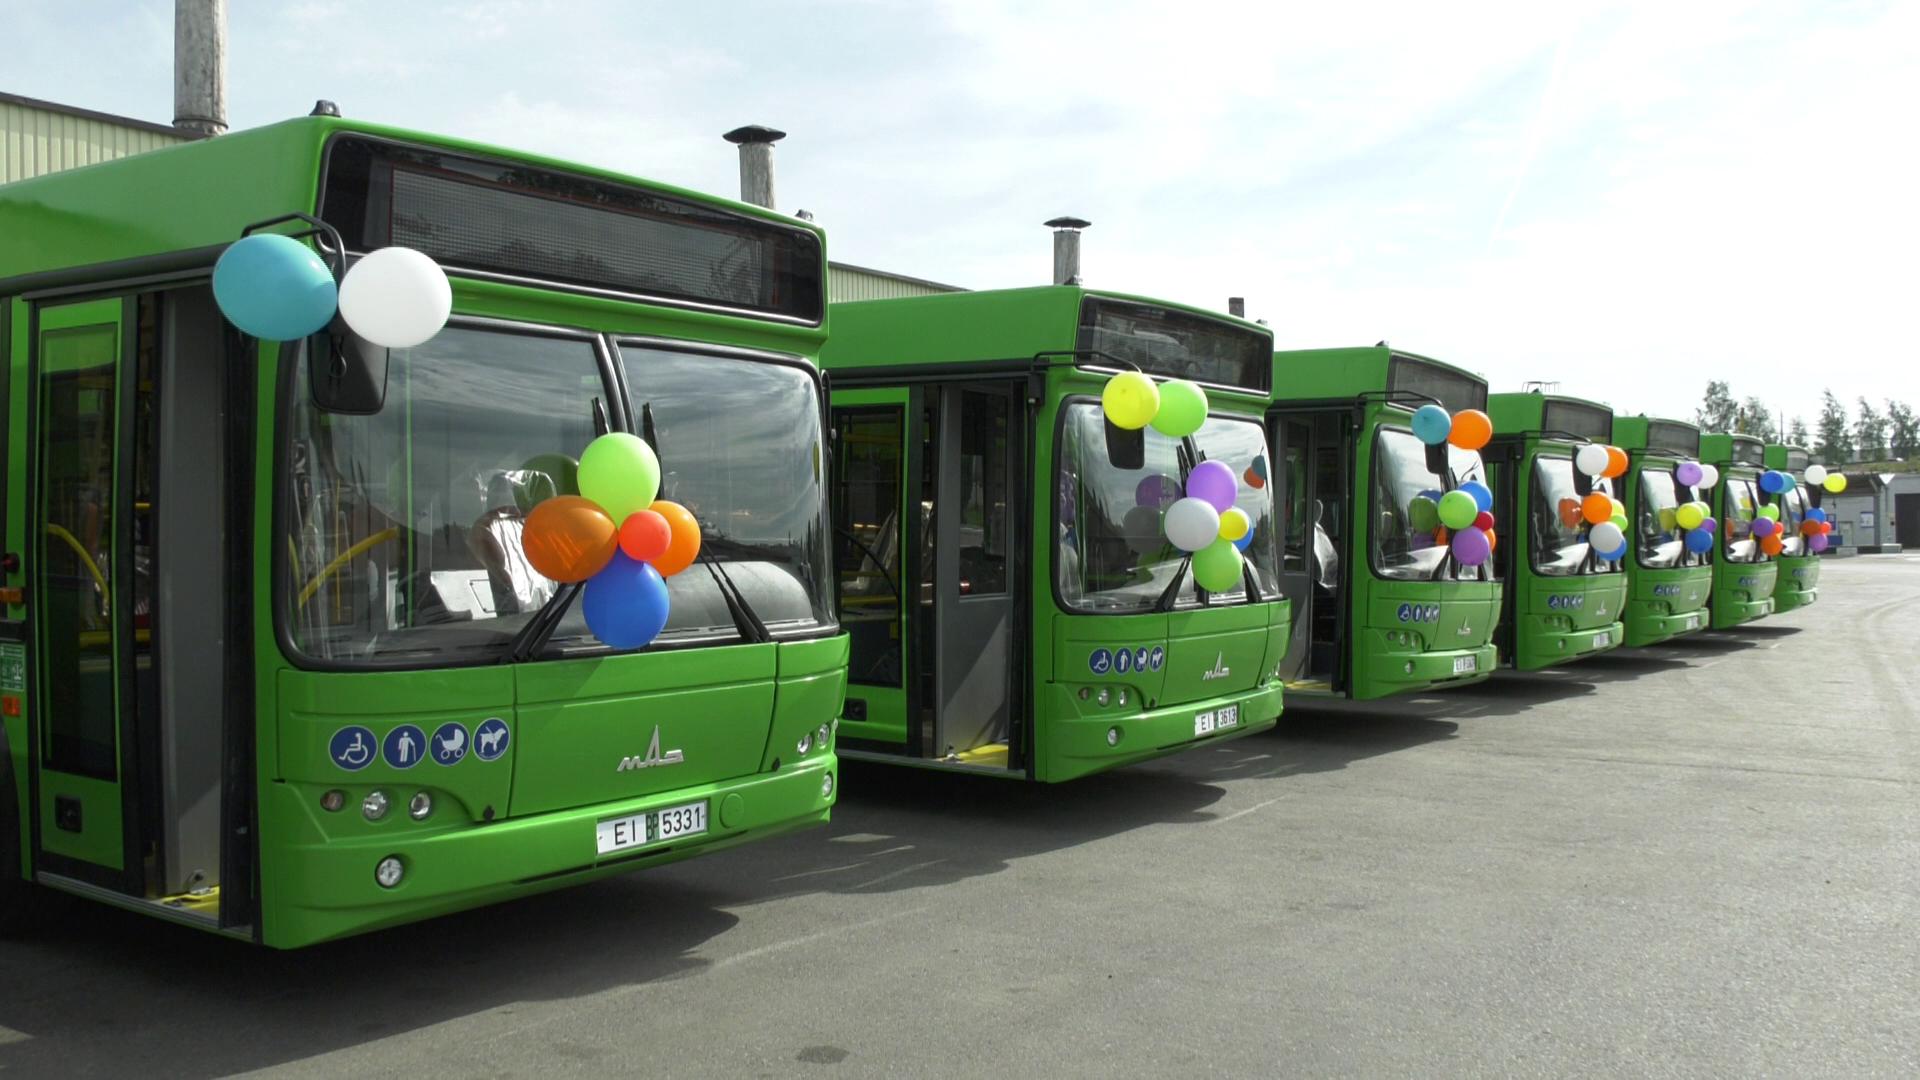 avtobusy - Витебский автобусный парк пополнился новыми автобусами (видео)